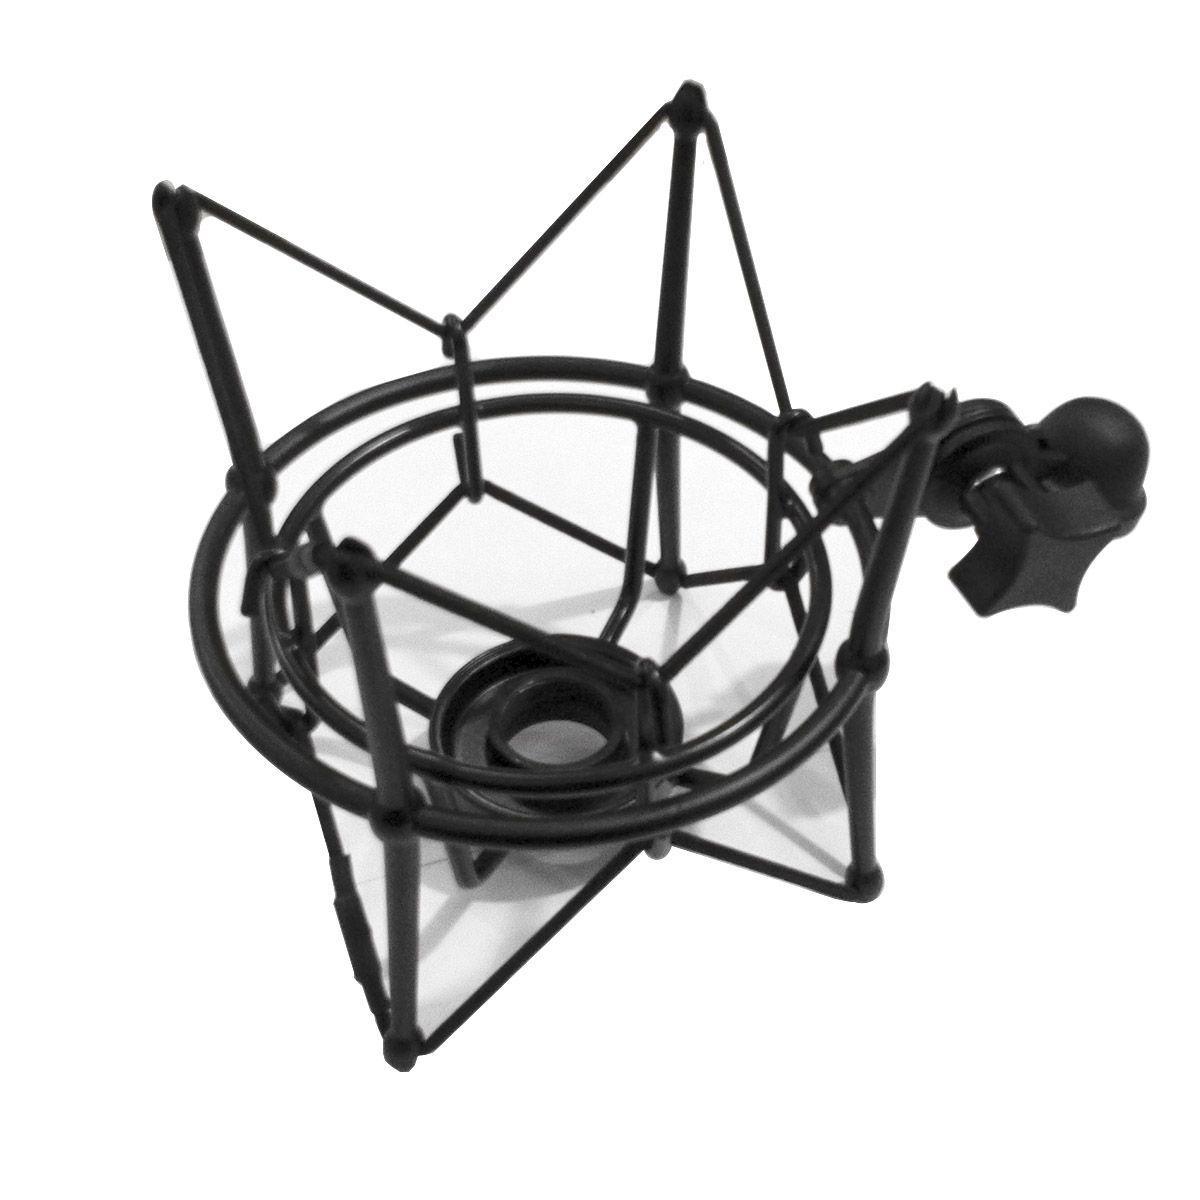 Suporte Shock Mount para microfone CSR SHM-7